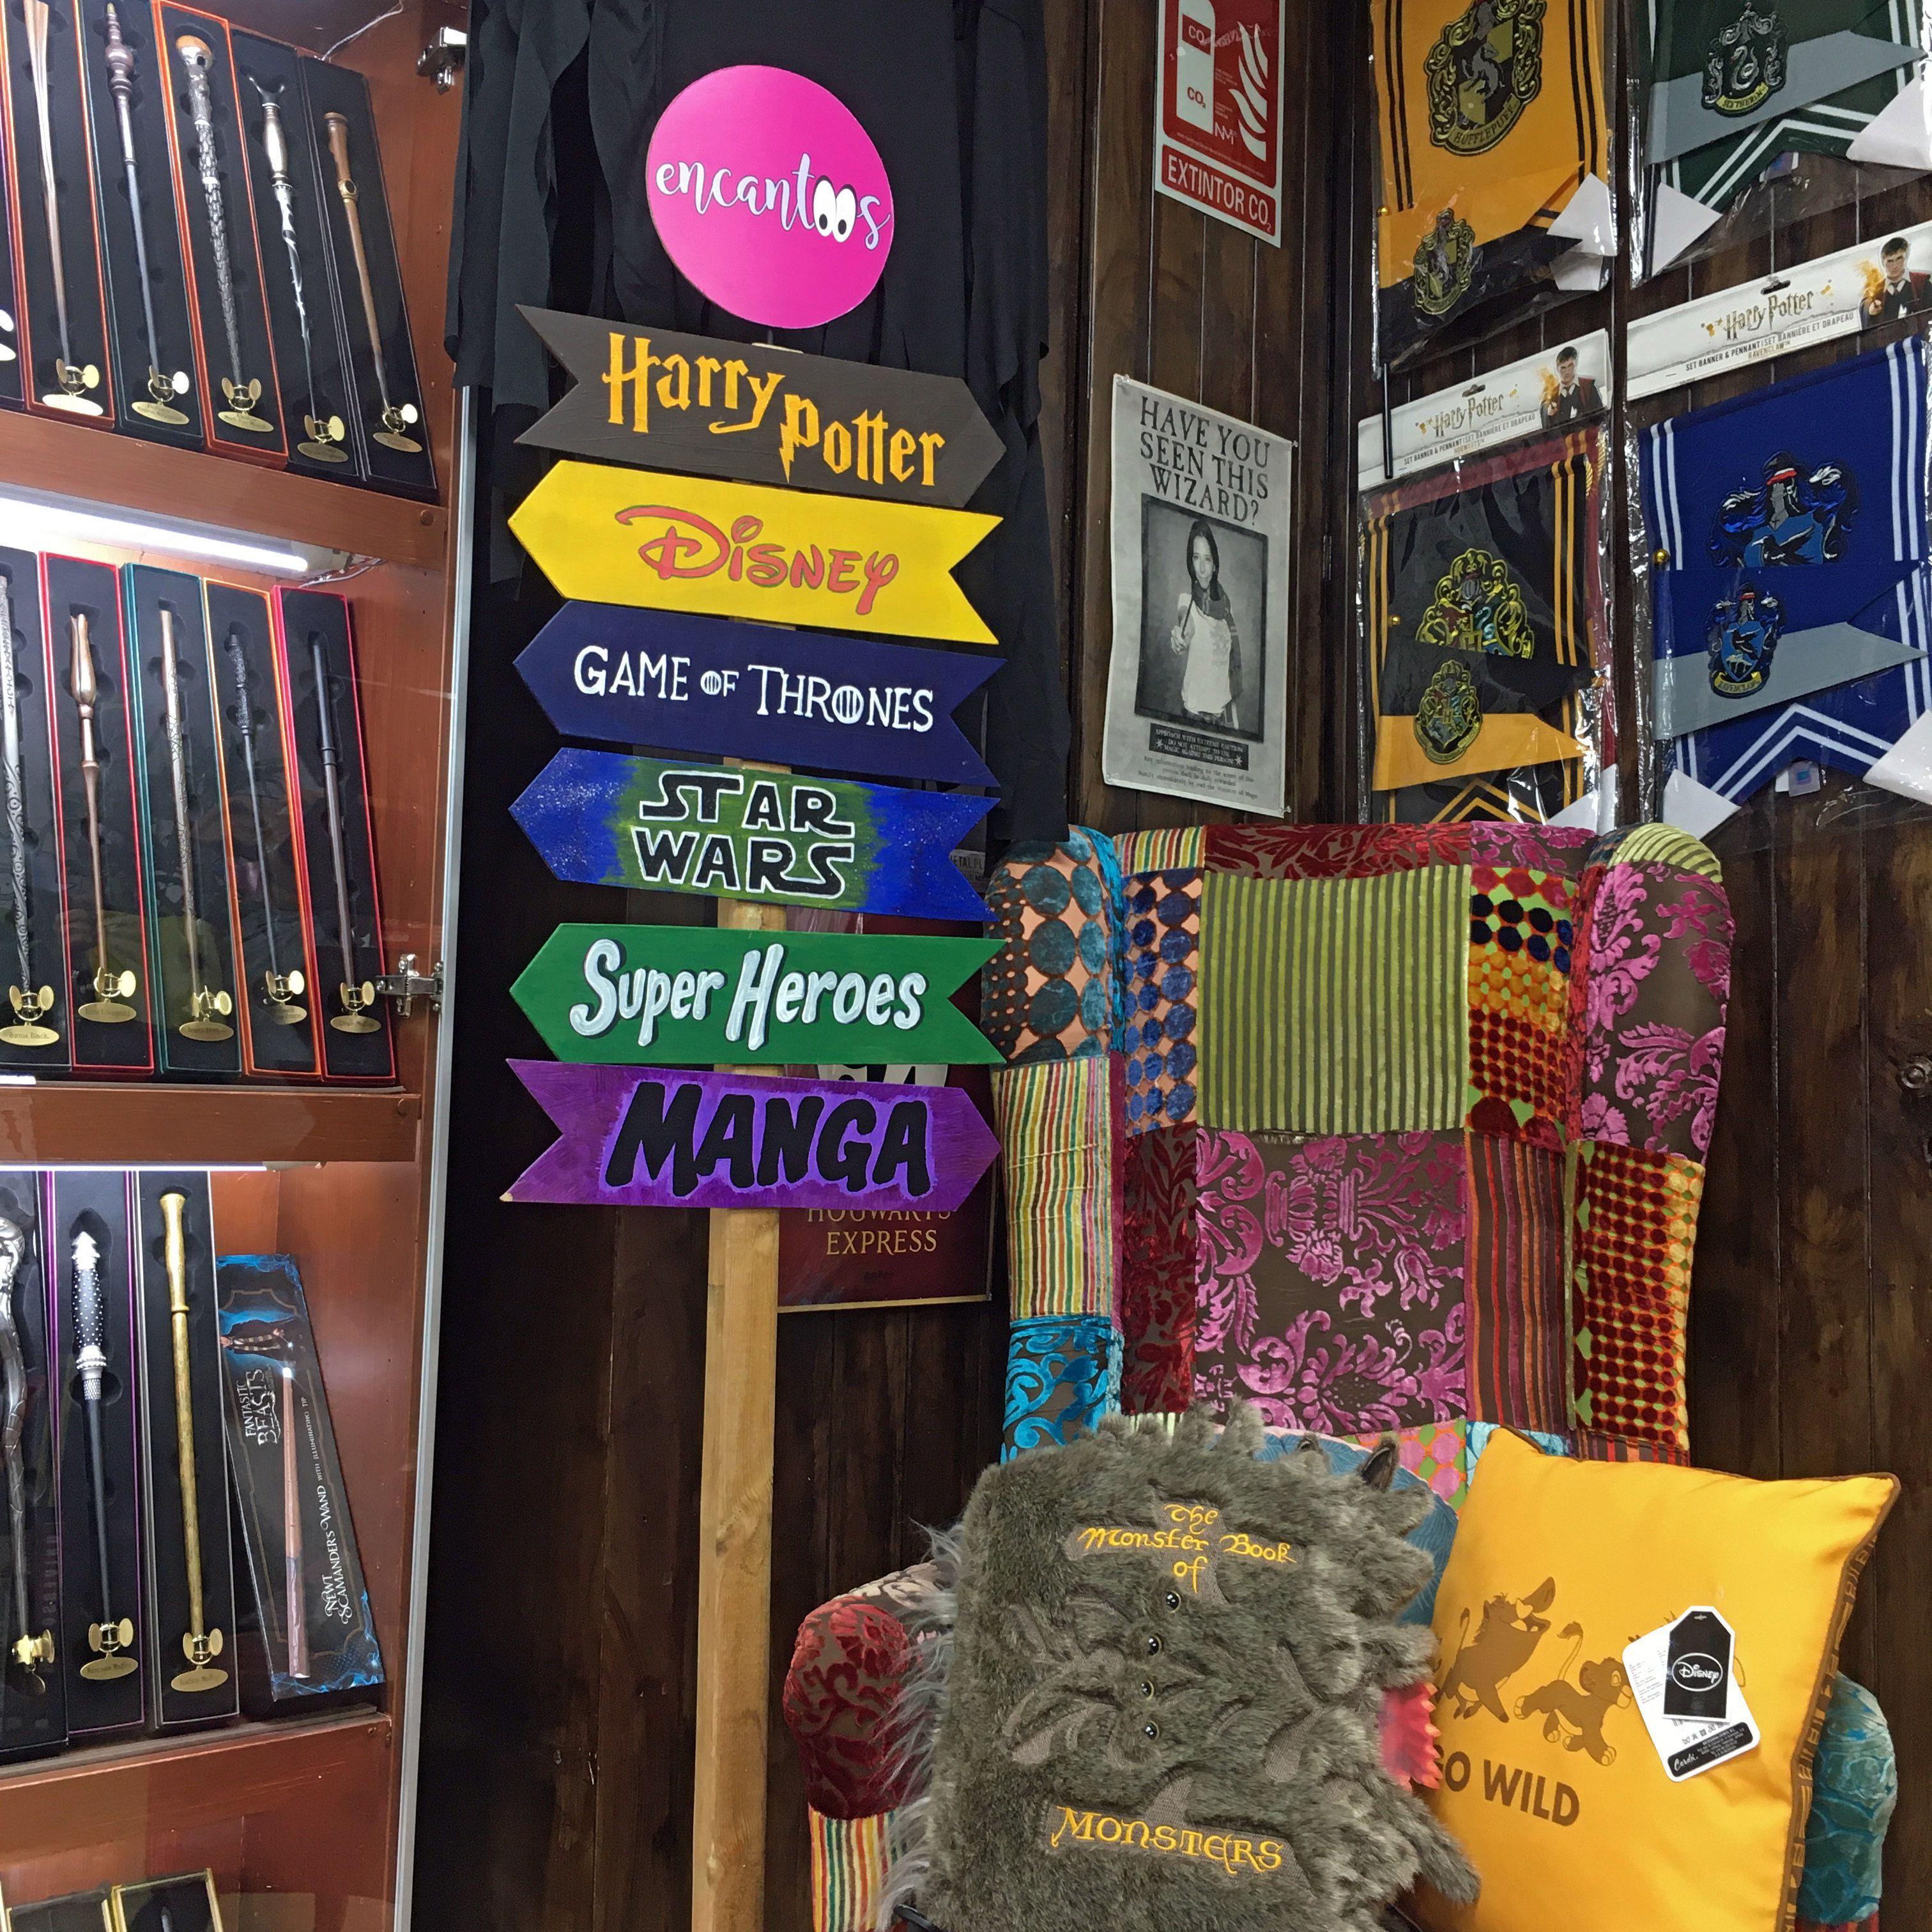 Tienda Friki En Barcelona Encantoos Castillo De Disney Game Of Thrones Disney